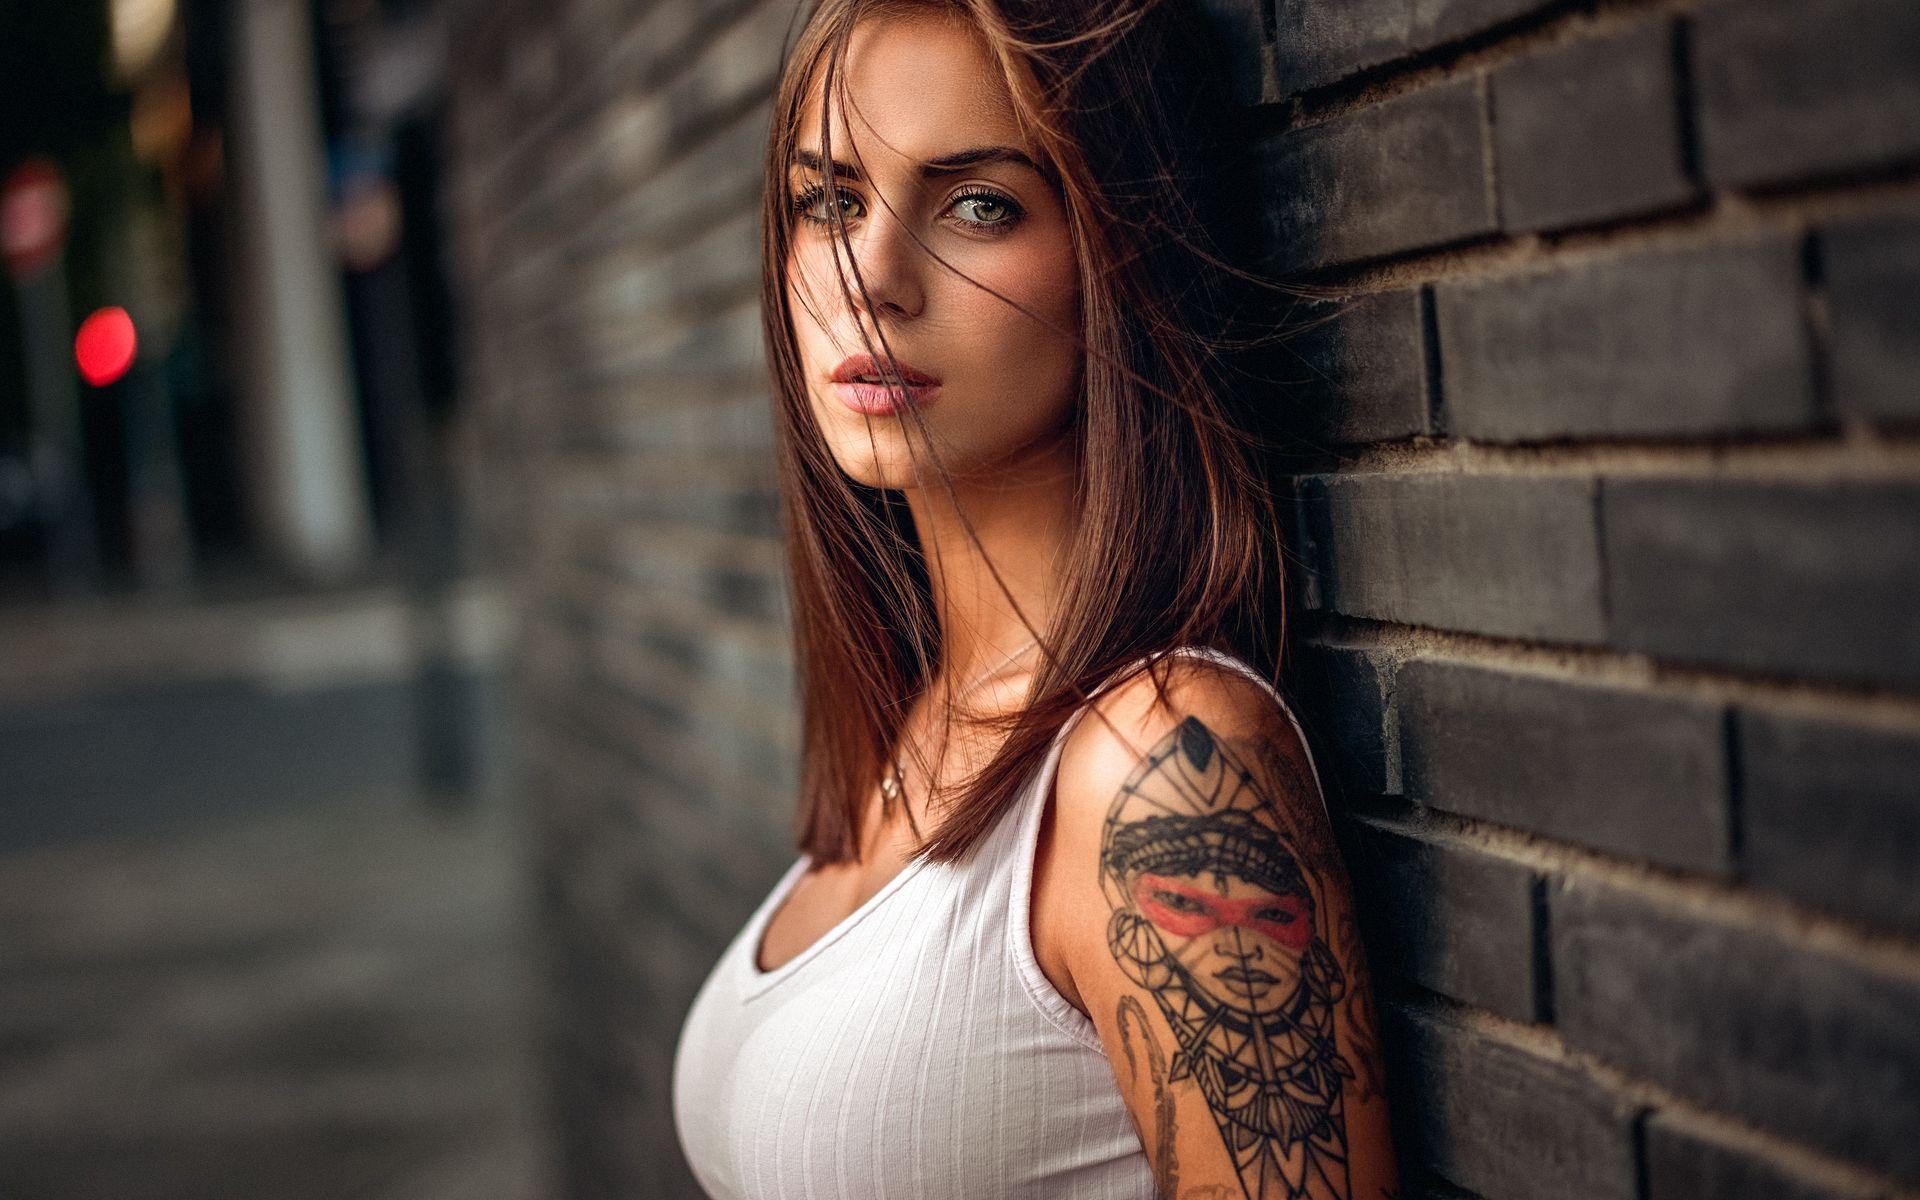 Tatuaze 064 Kobieta Sciana Tapety Na Pulpit